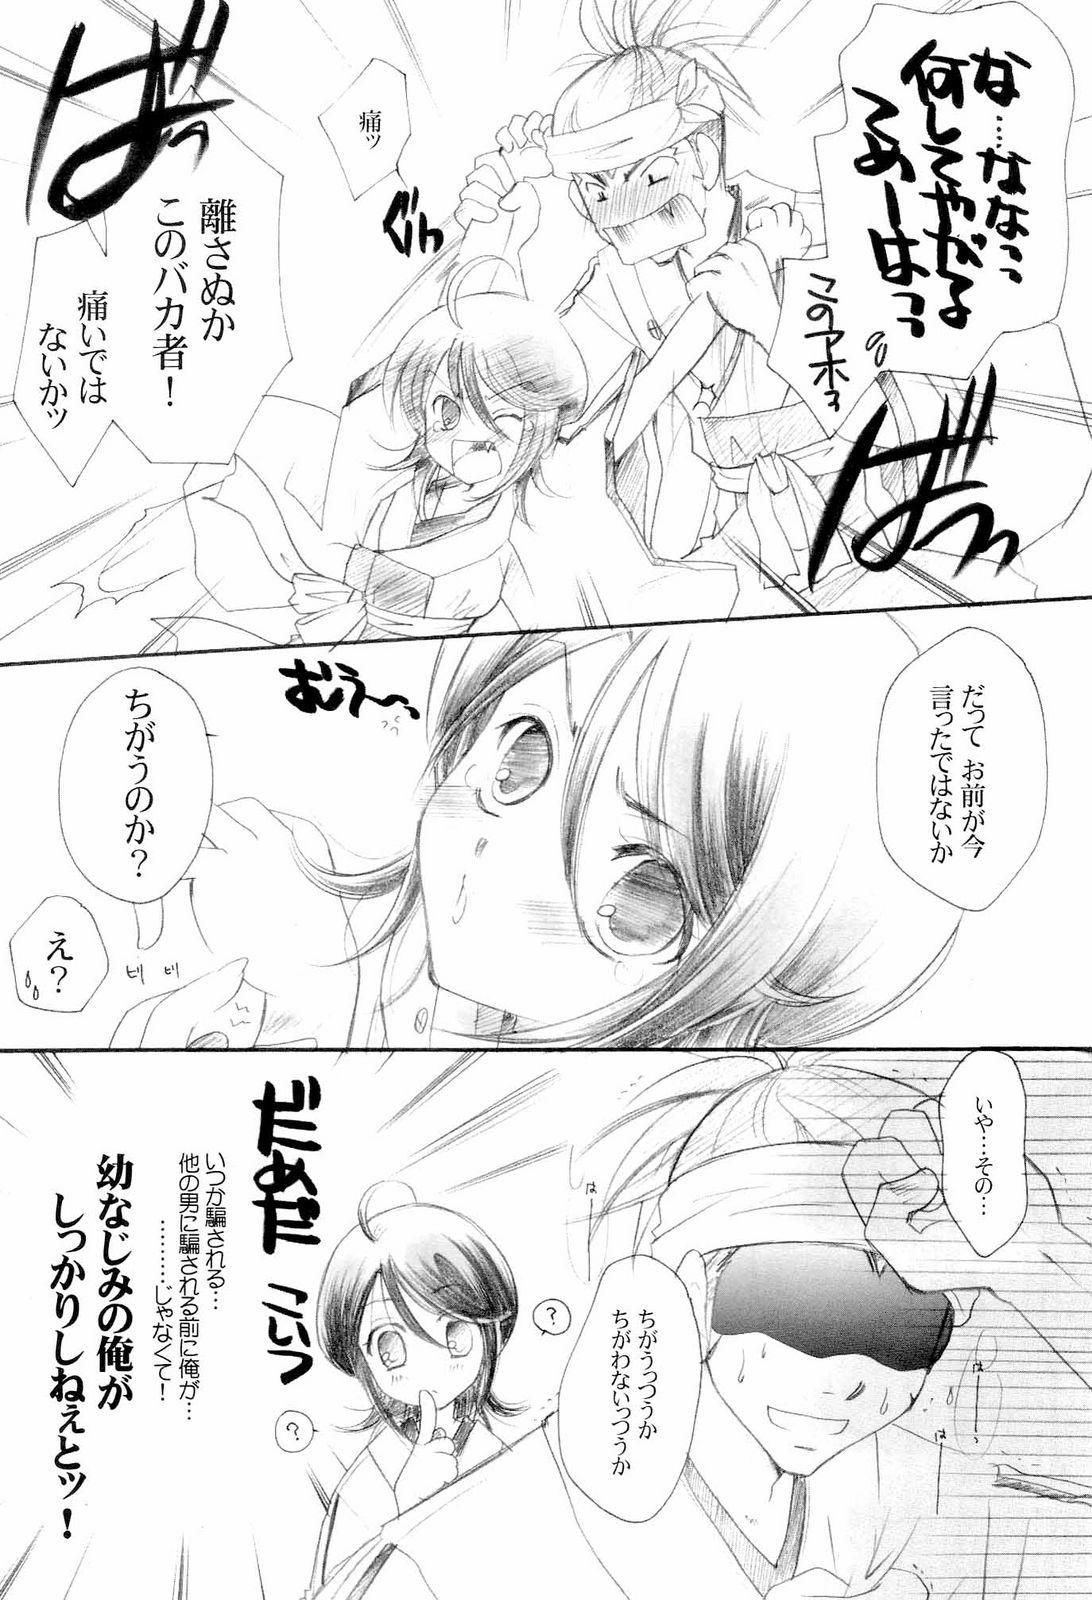 Usagi-chan Goyoujin 6